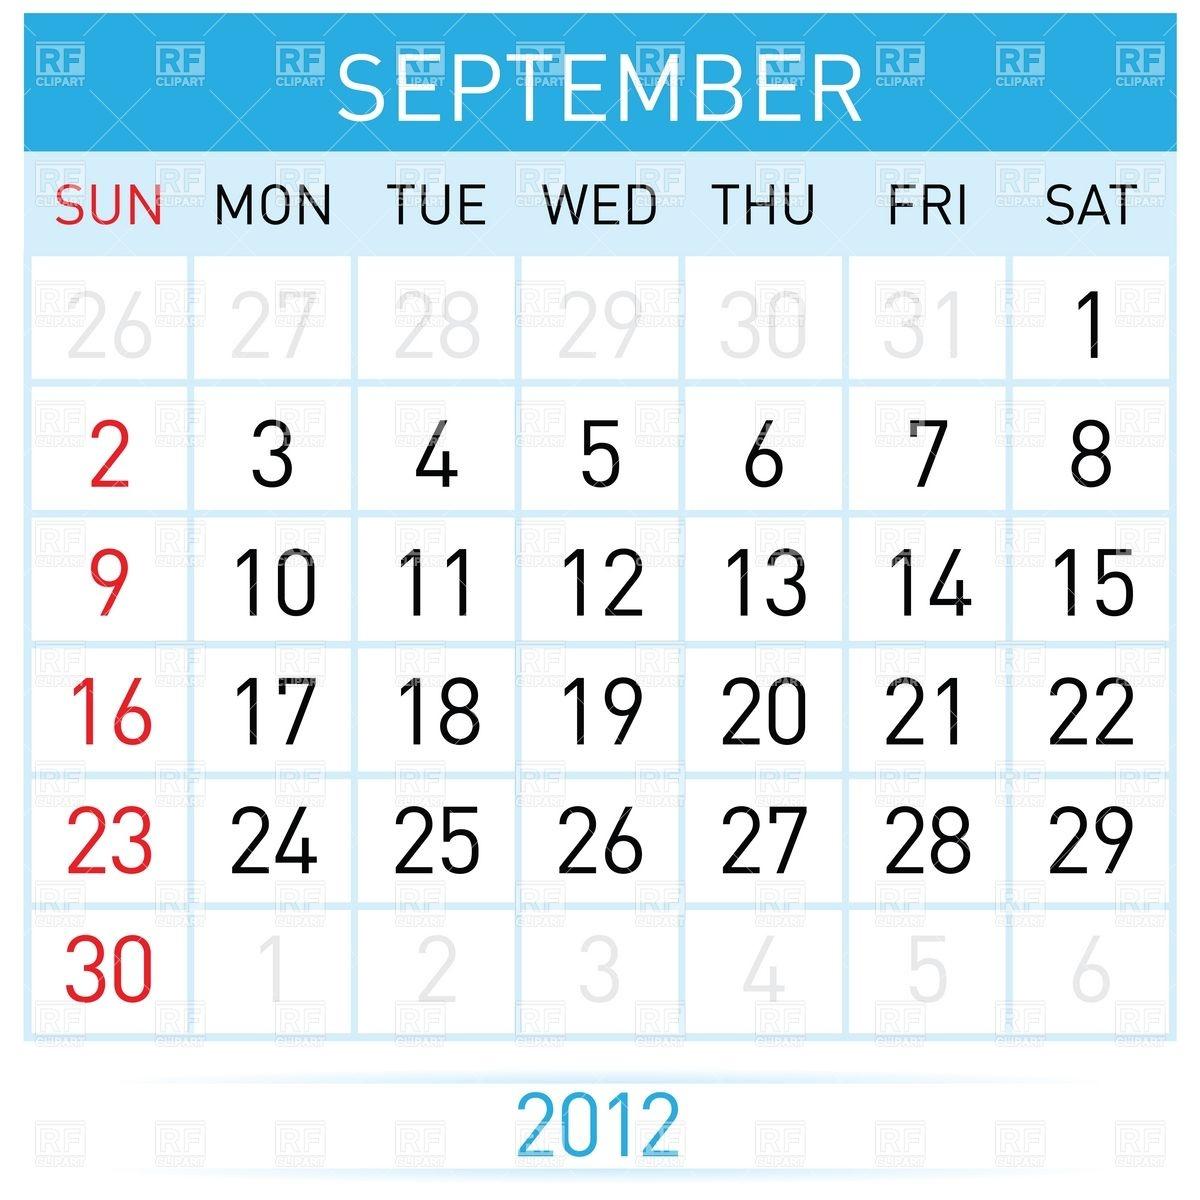 September month calendar clipart clip art free September month calendar clipart - ClipartFox clip art free